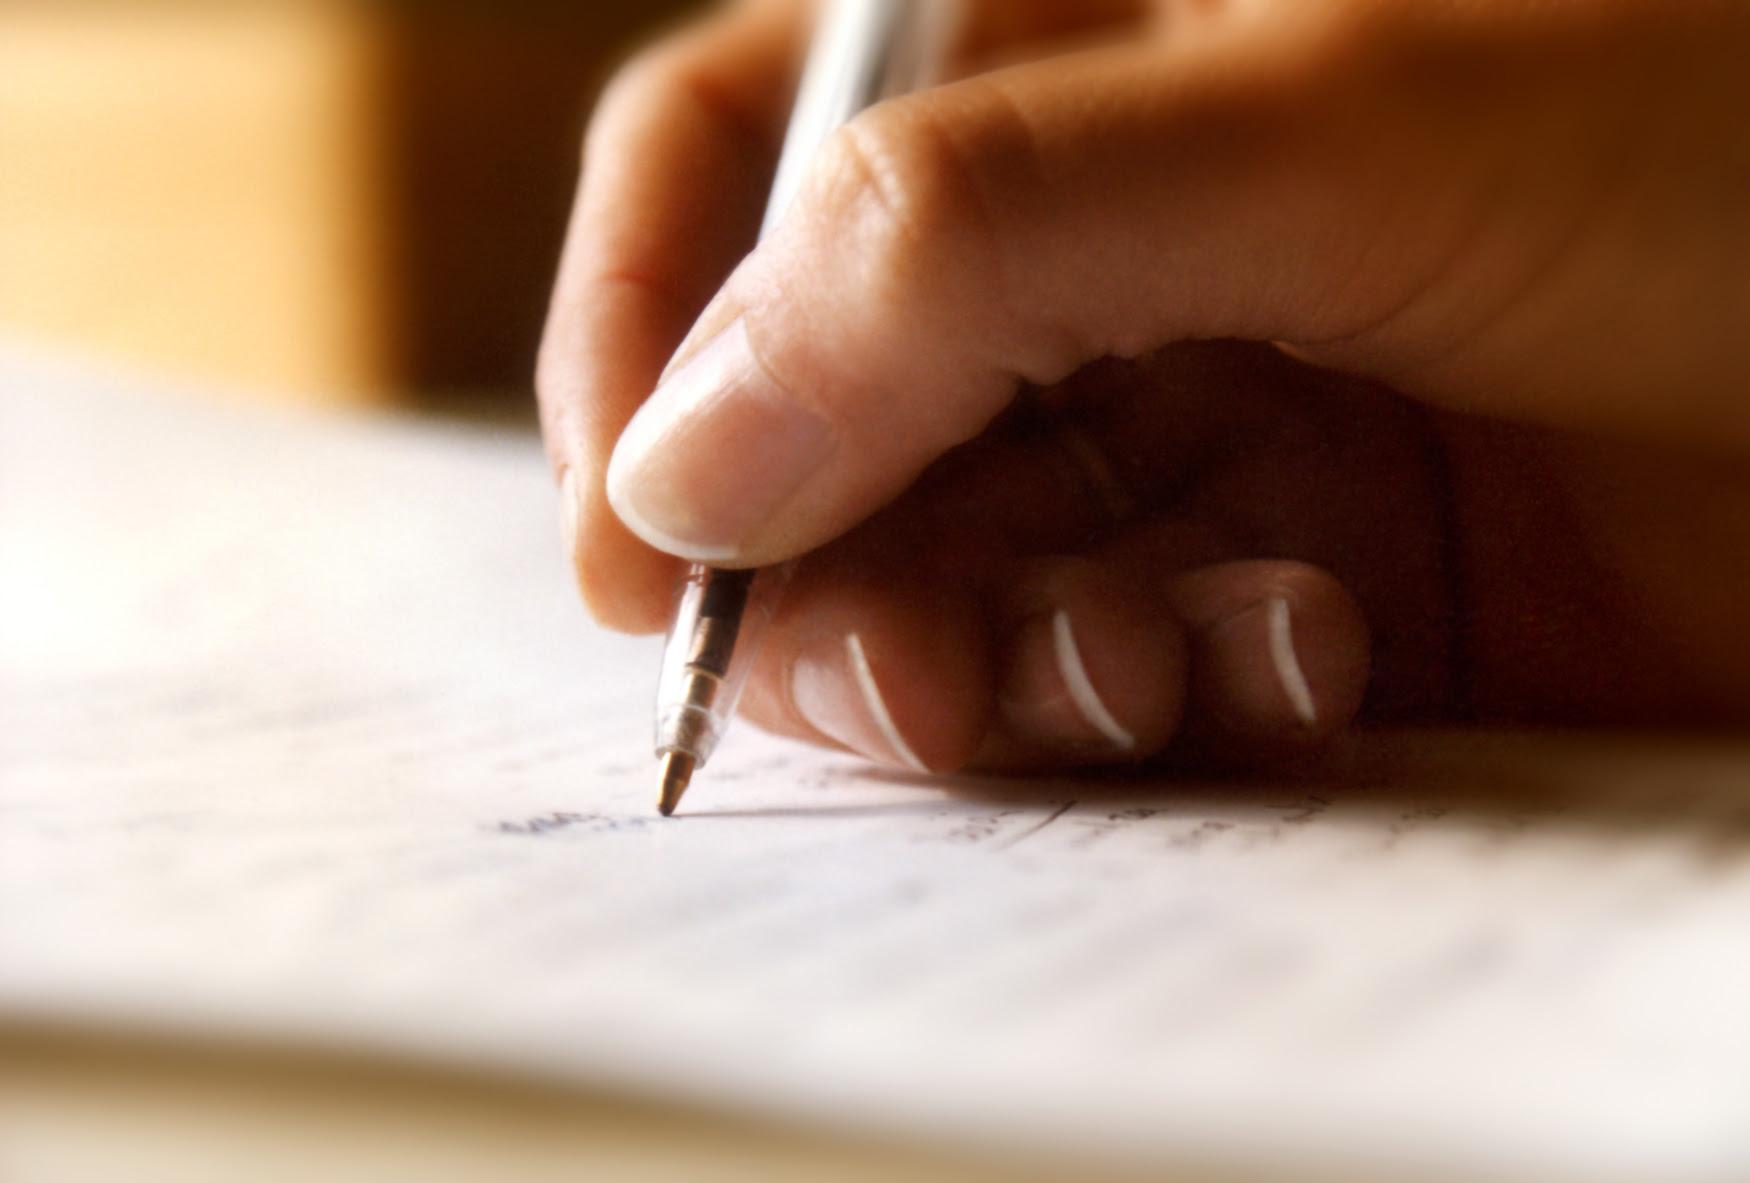 Biarkan AKu Terus Menulis